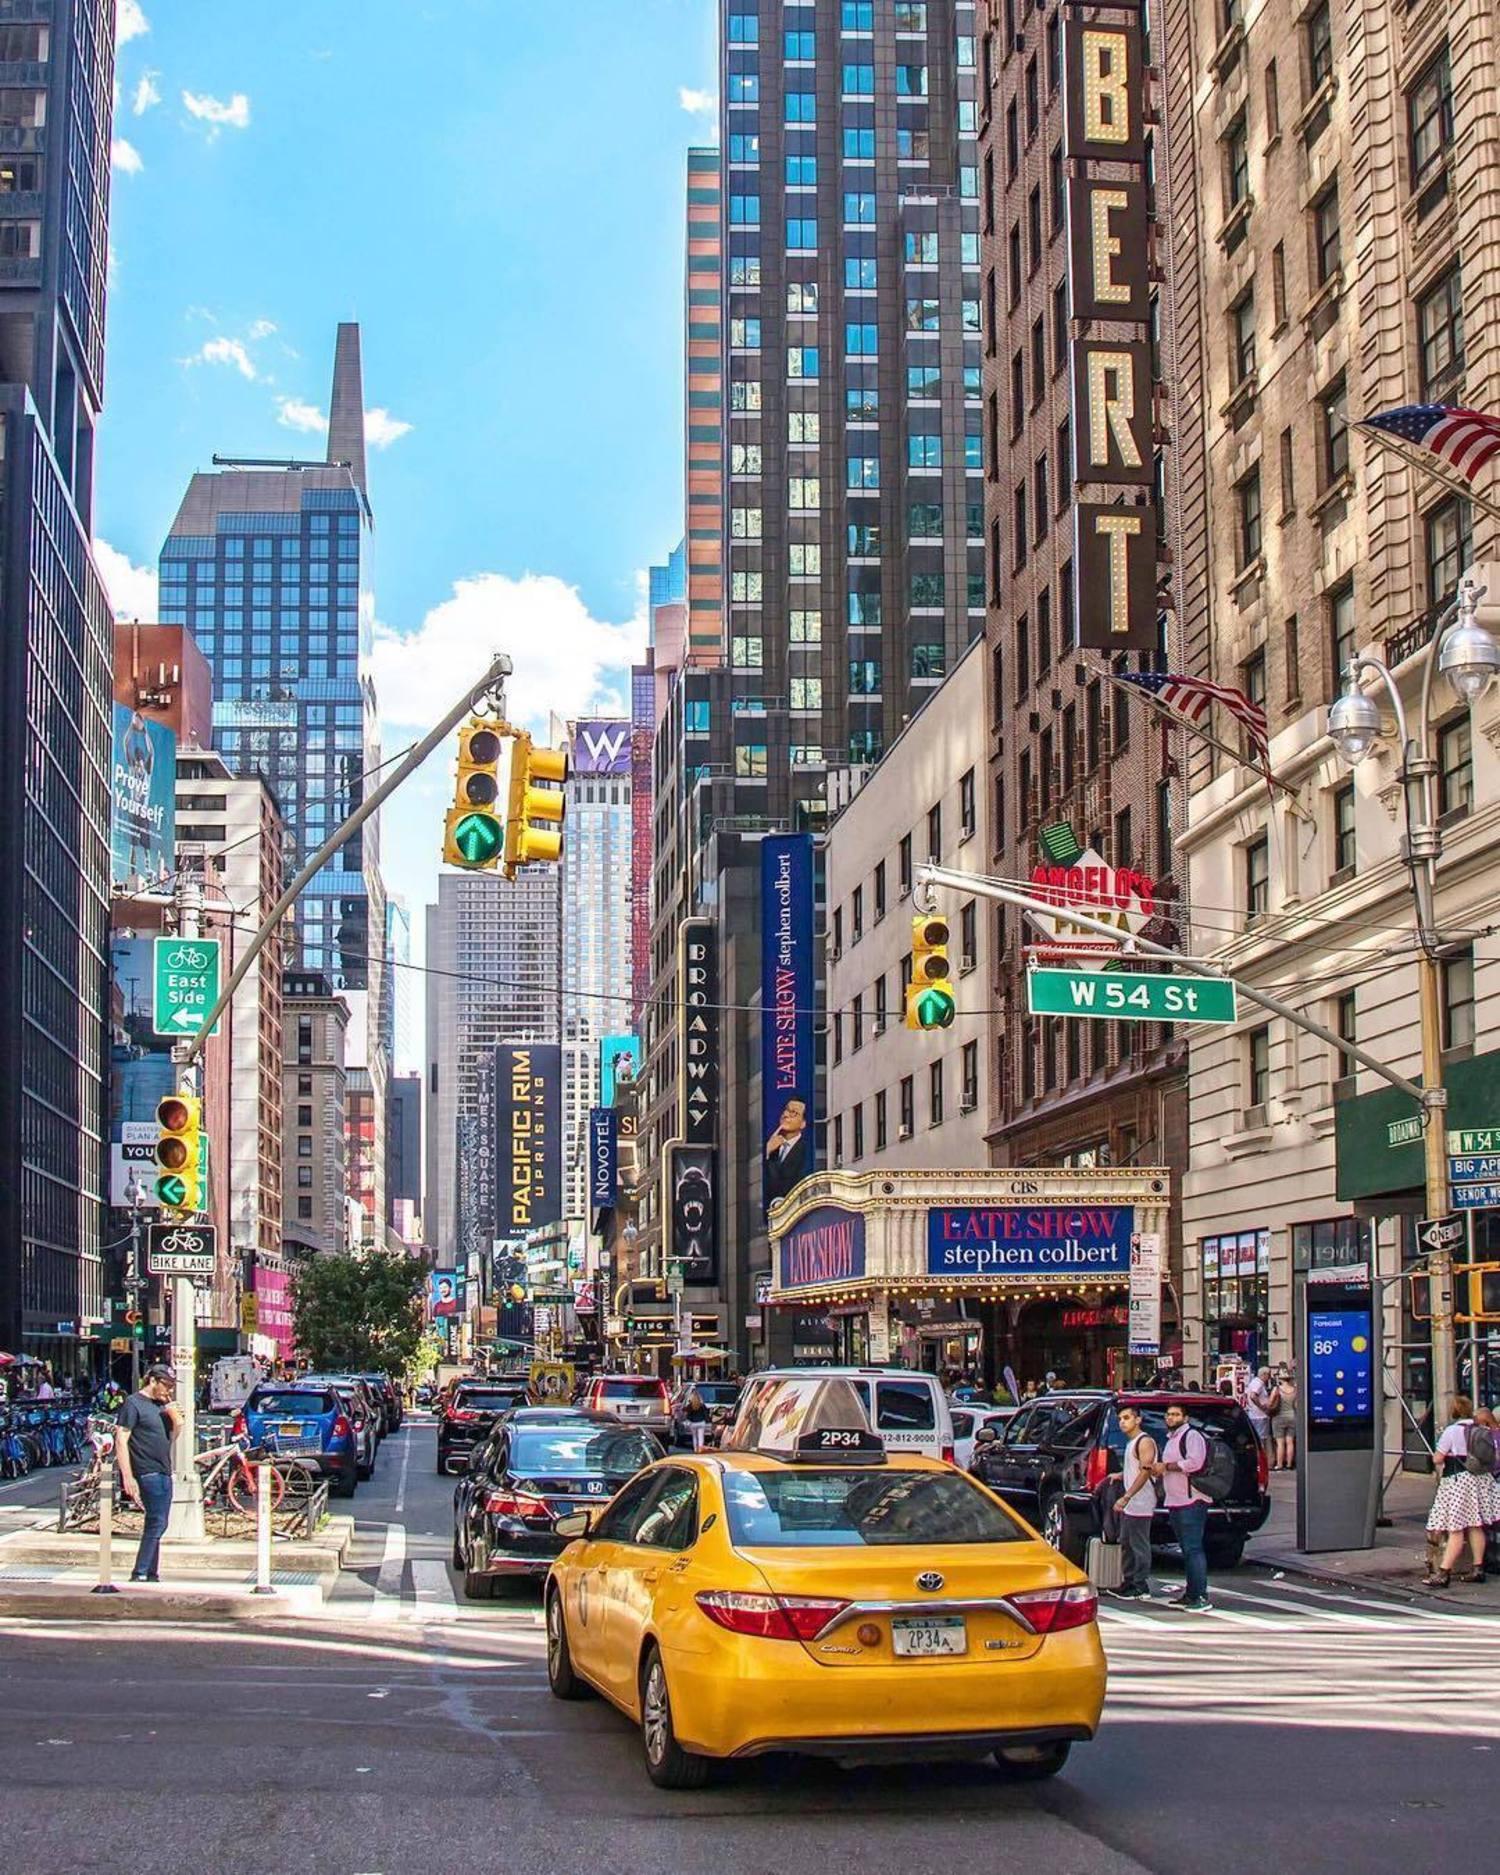 Midtown, Manhattan. Photo via @newyorkcitykopp #viewingnyc #newyork #newyorkcity #nyc